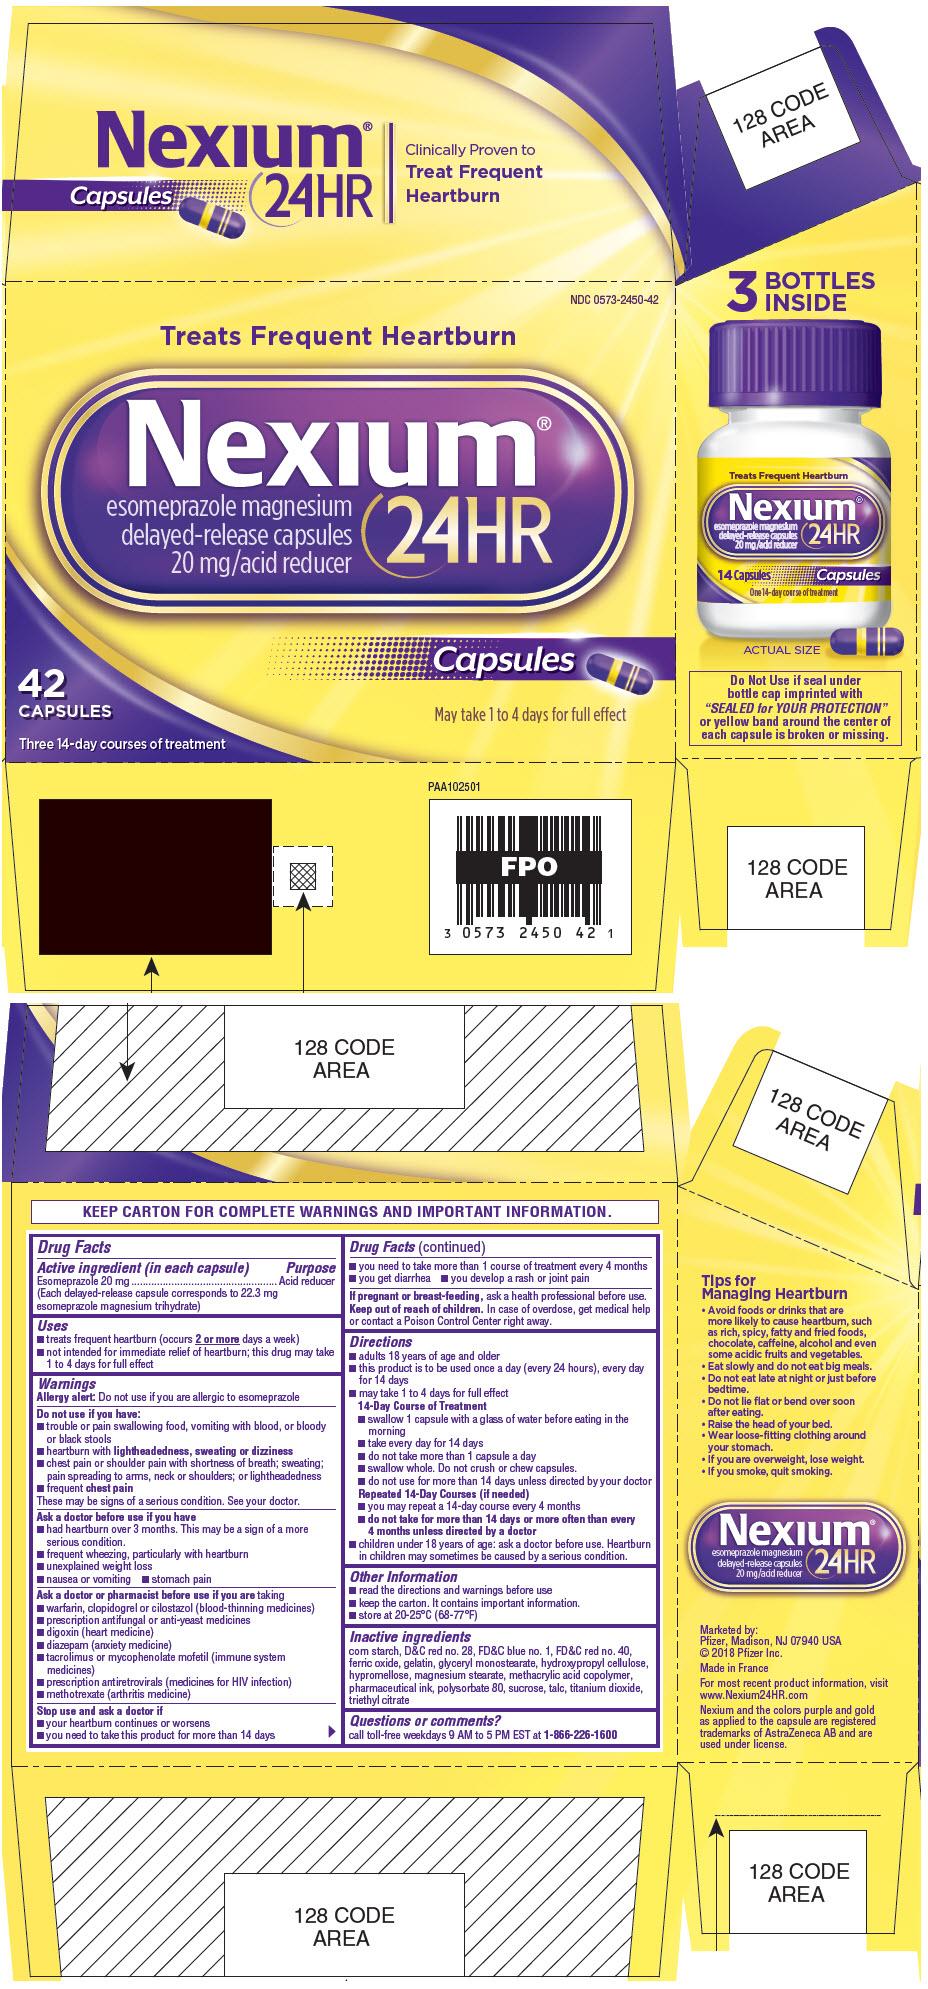 PRINCIPAL DISPLAY PANEL - 42 Capsule Bottle Carton